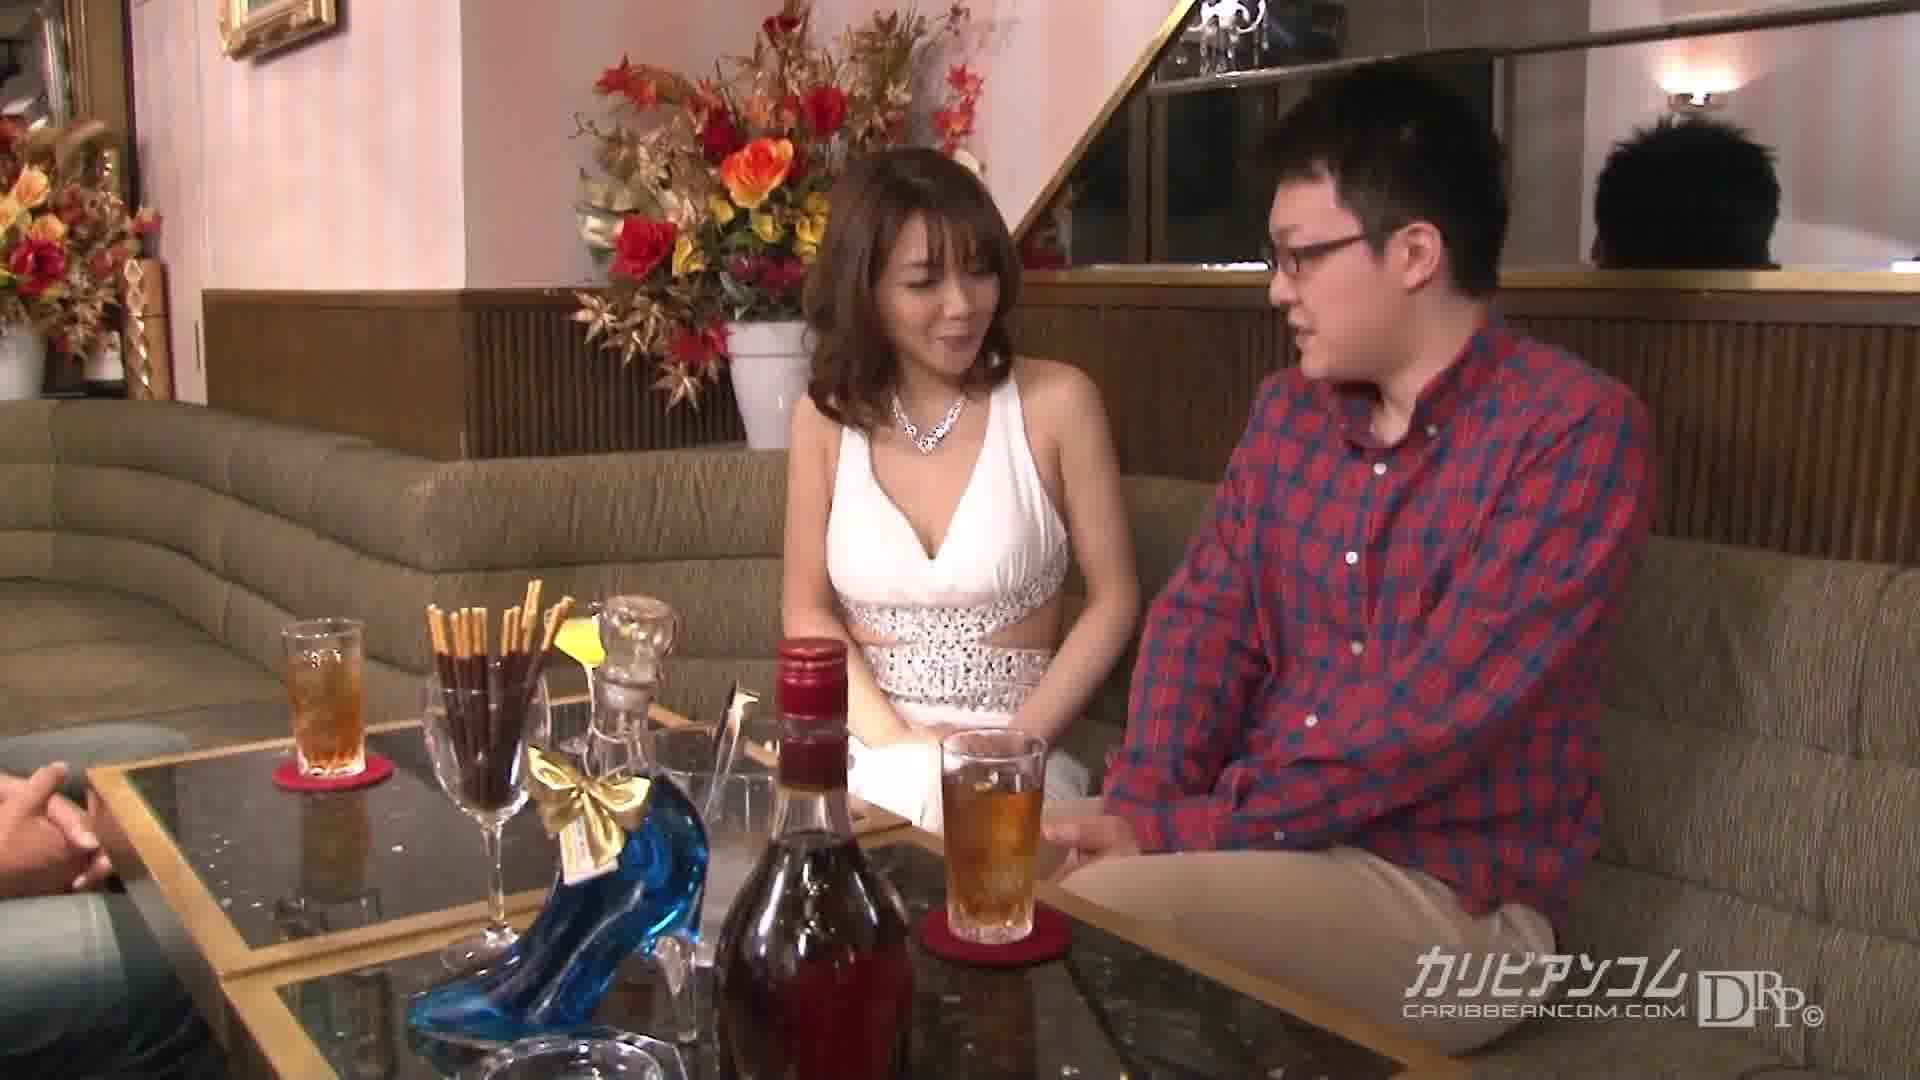 童貞狩り ~熟キャバ童貞喪失~ - 美智子小夜曲【乱交・痴女・中出し】